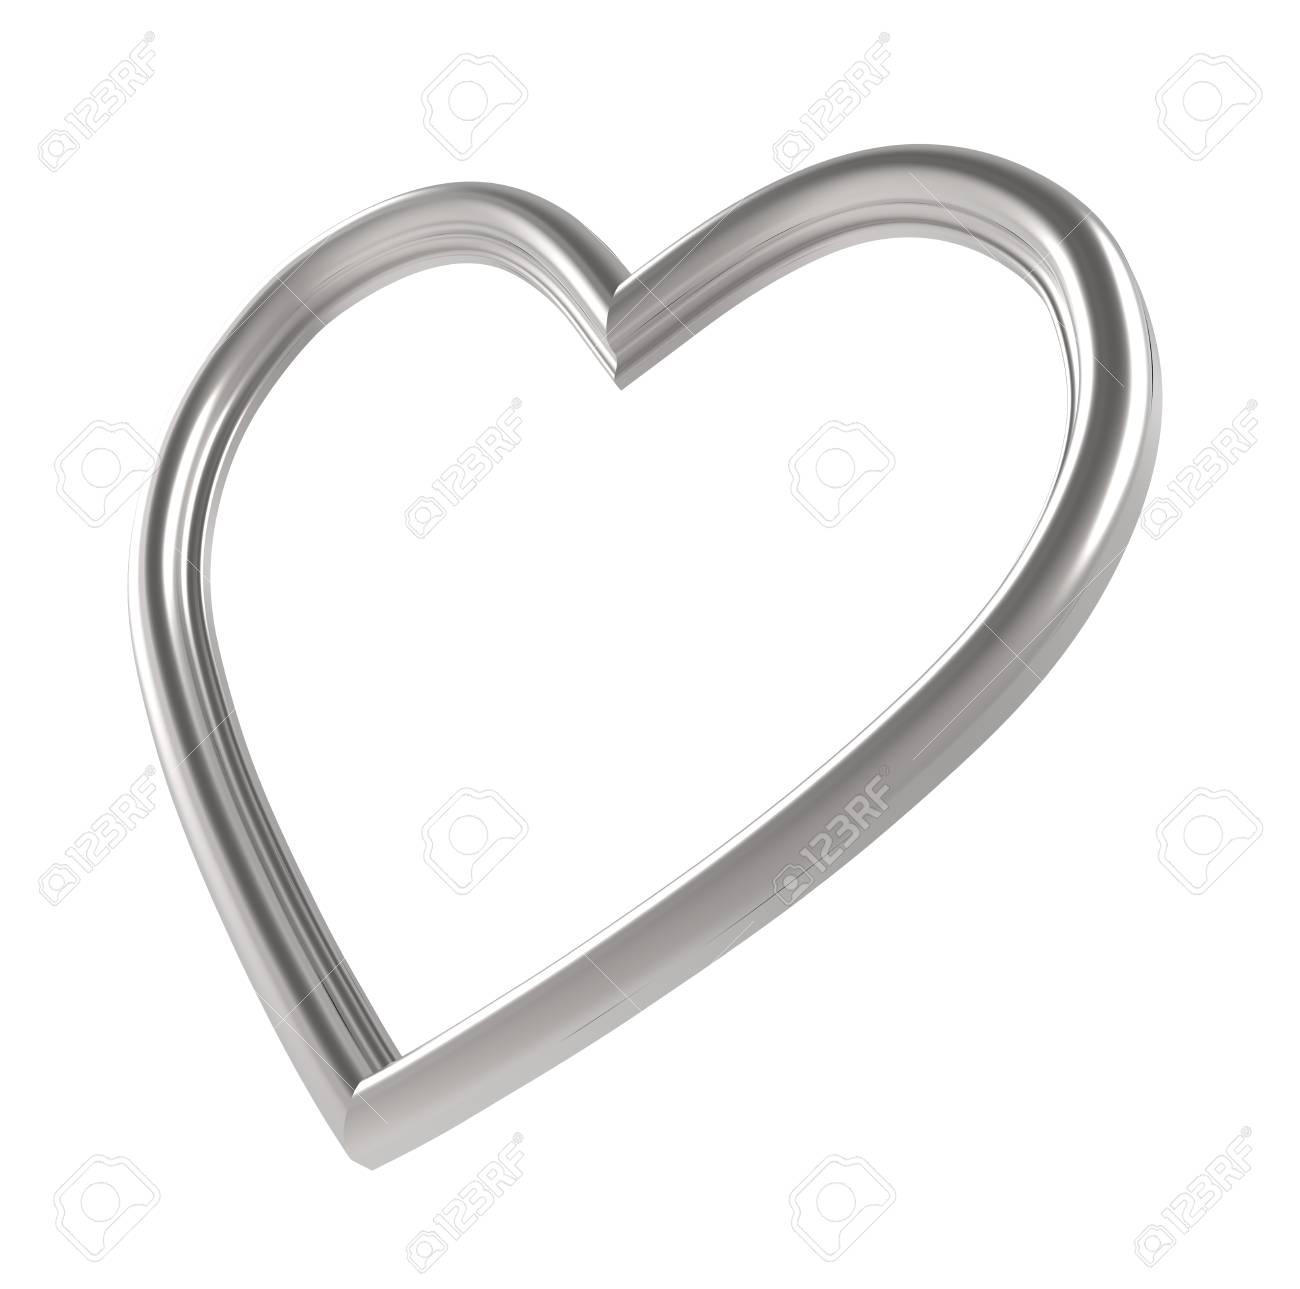 Silber Herz Bilderrahmen Isoliert Auf Weiß. 3D-Darstellung ...